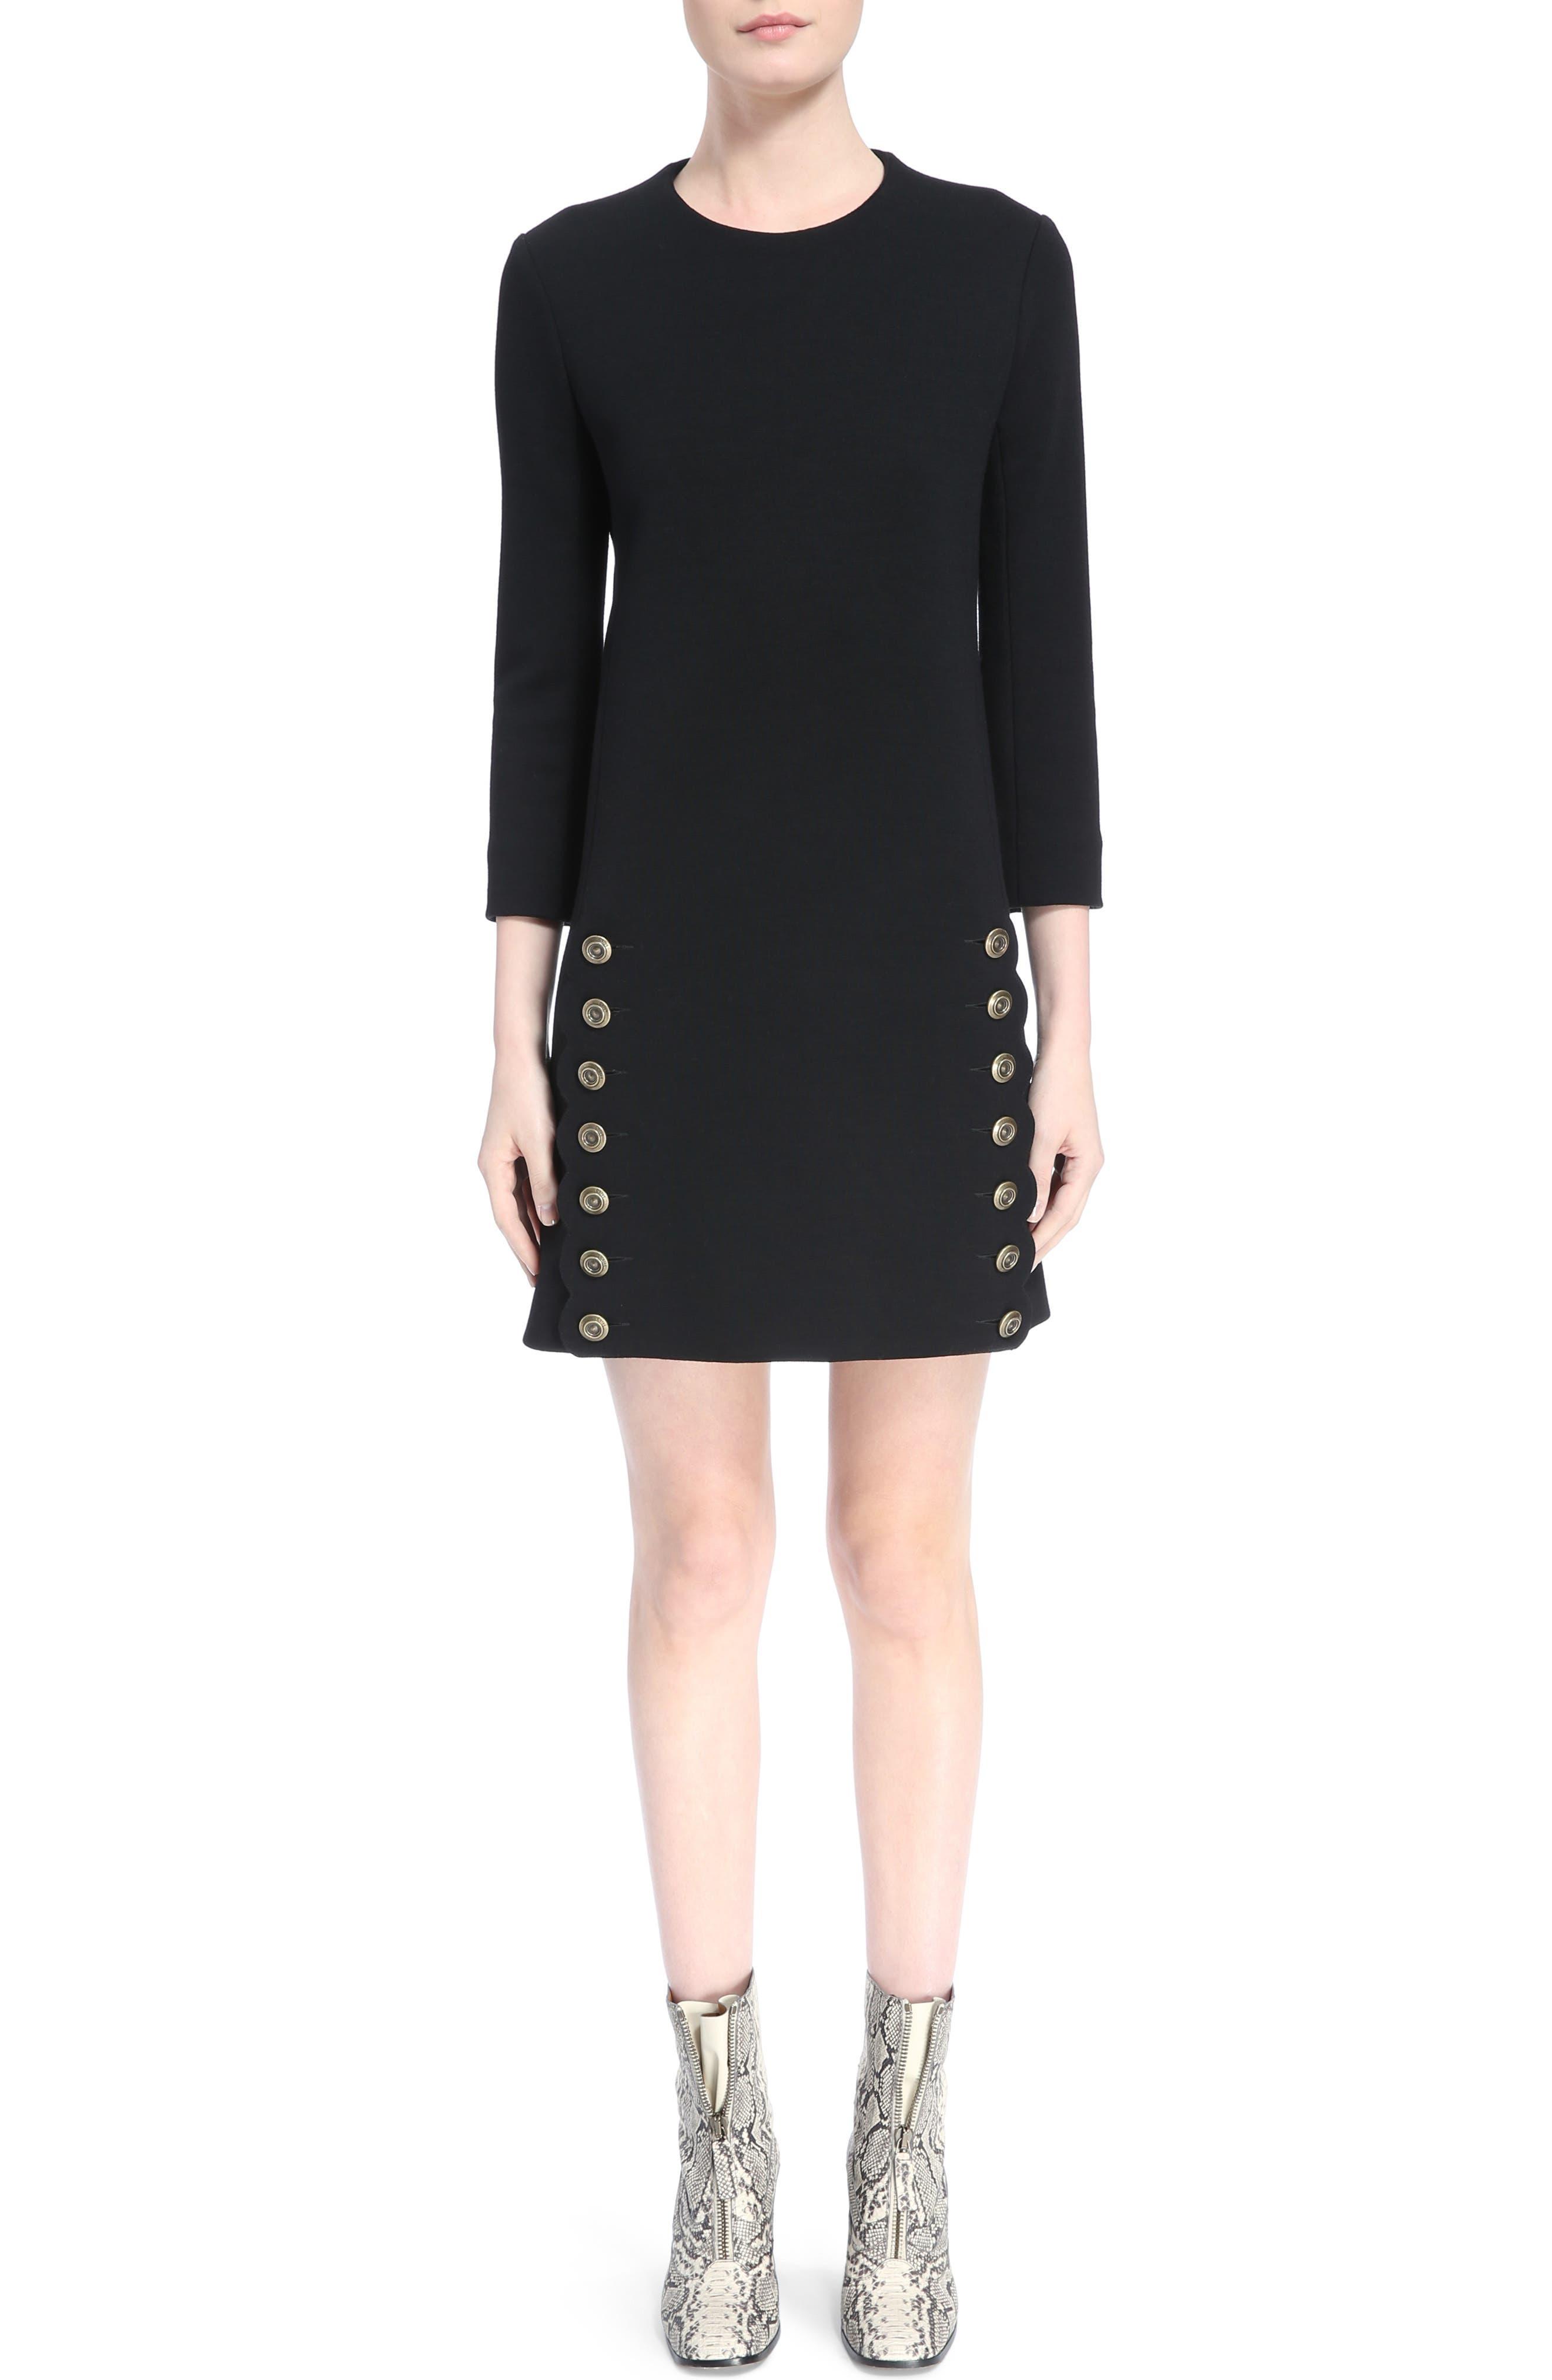 Chloé Button Trim Wool Knit Dress